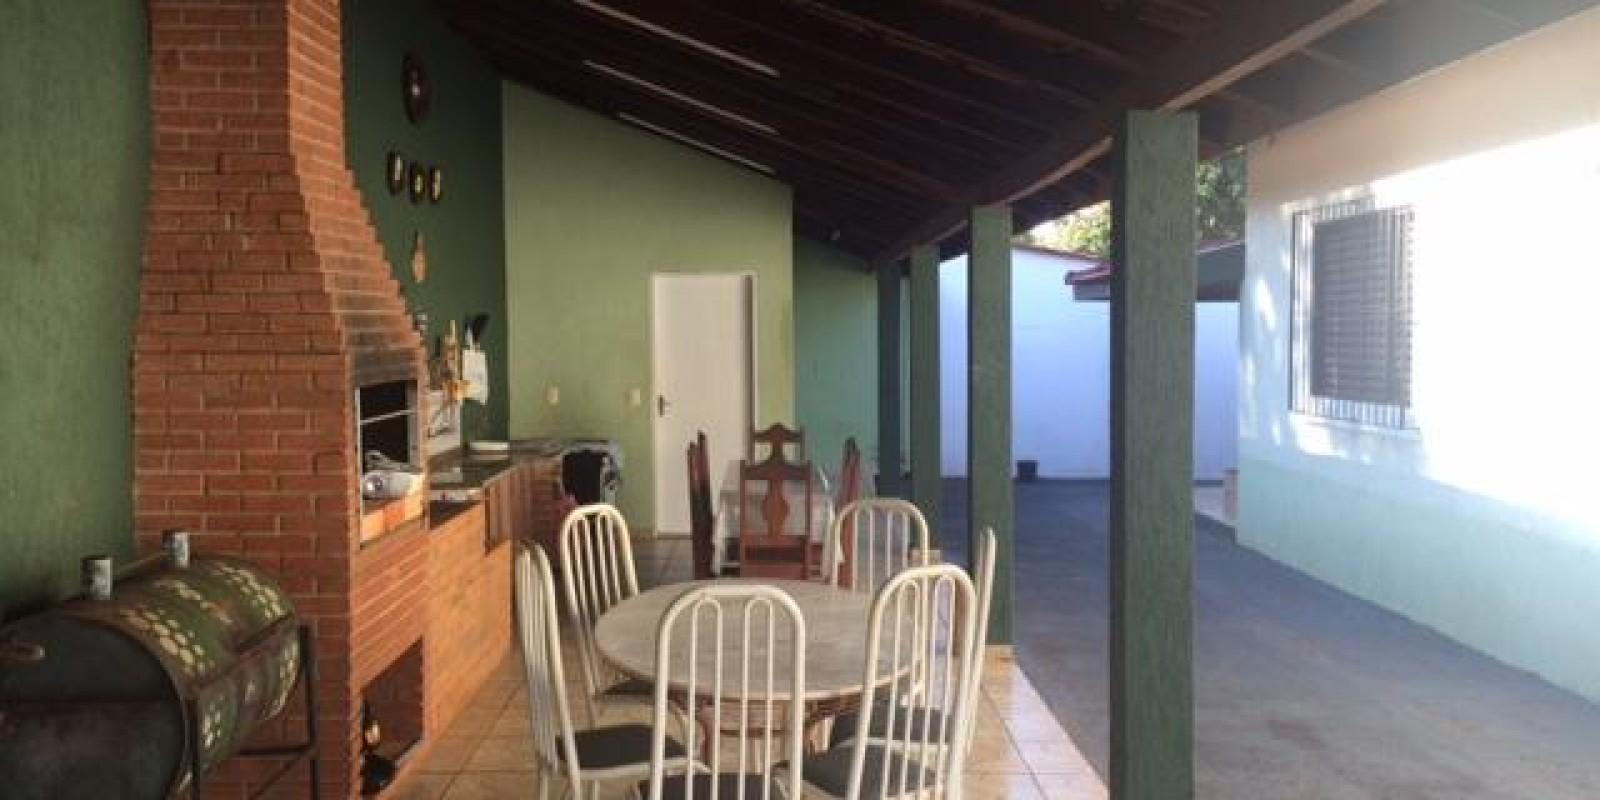 Casa MOBILIADA na Represa no Portal do Catavento em Arandu SP - Foto 5 de 26